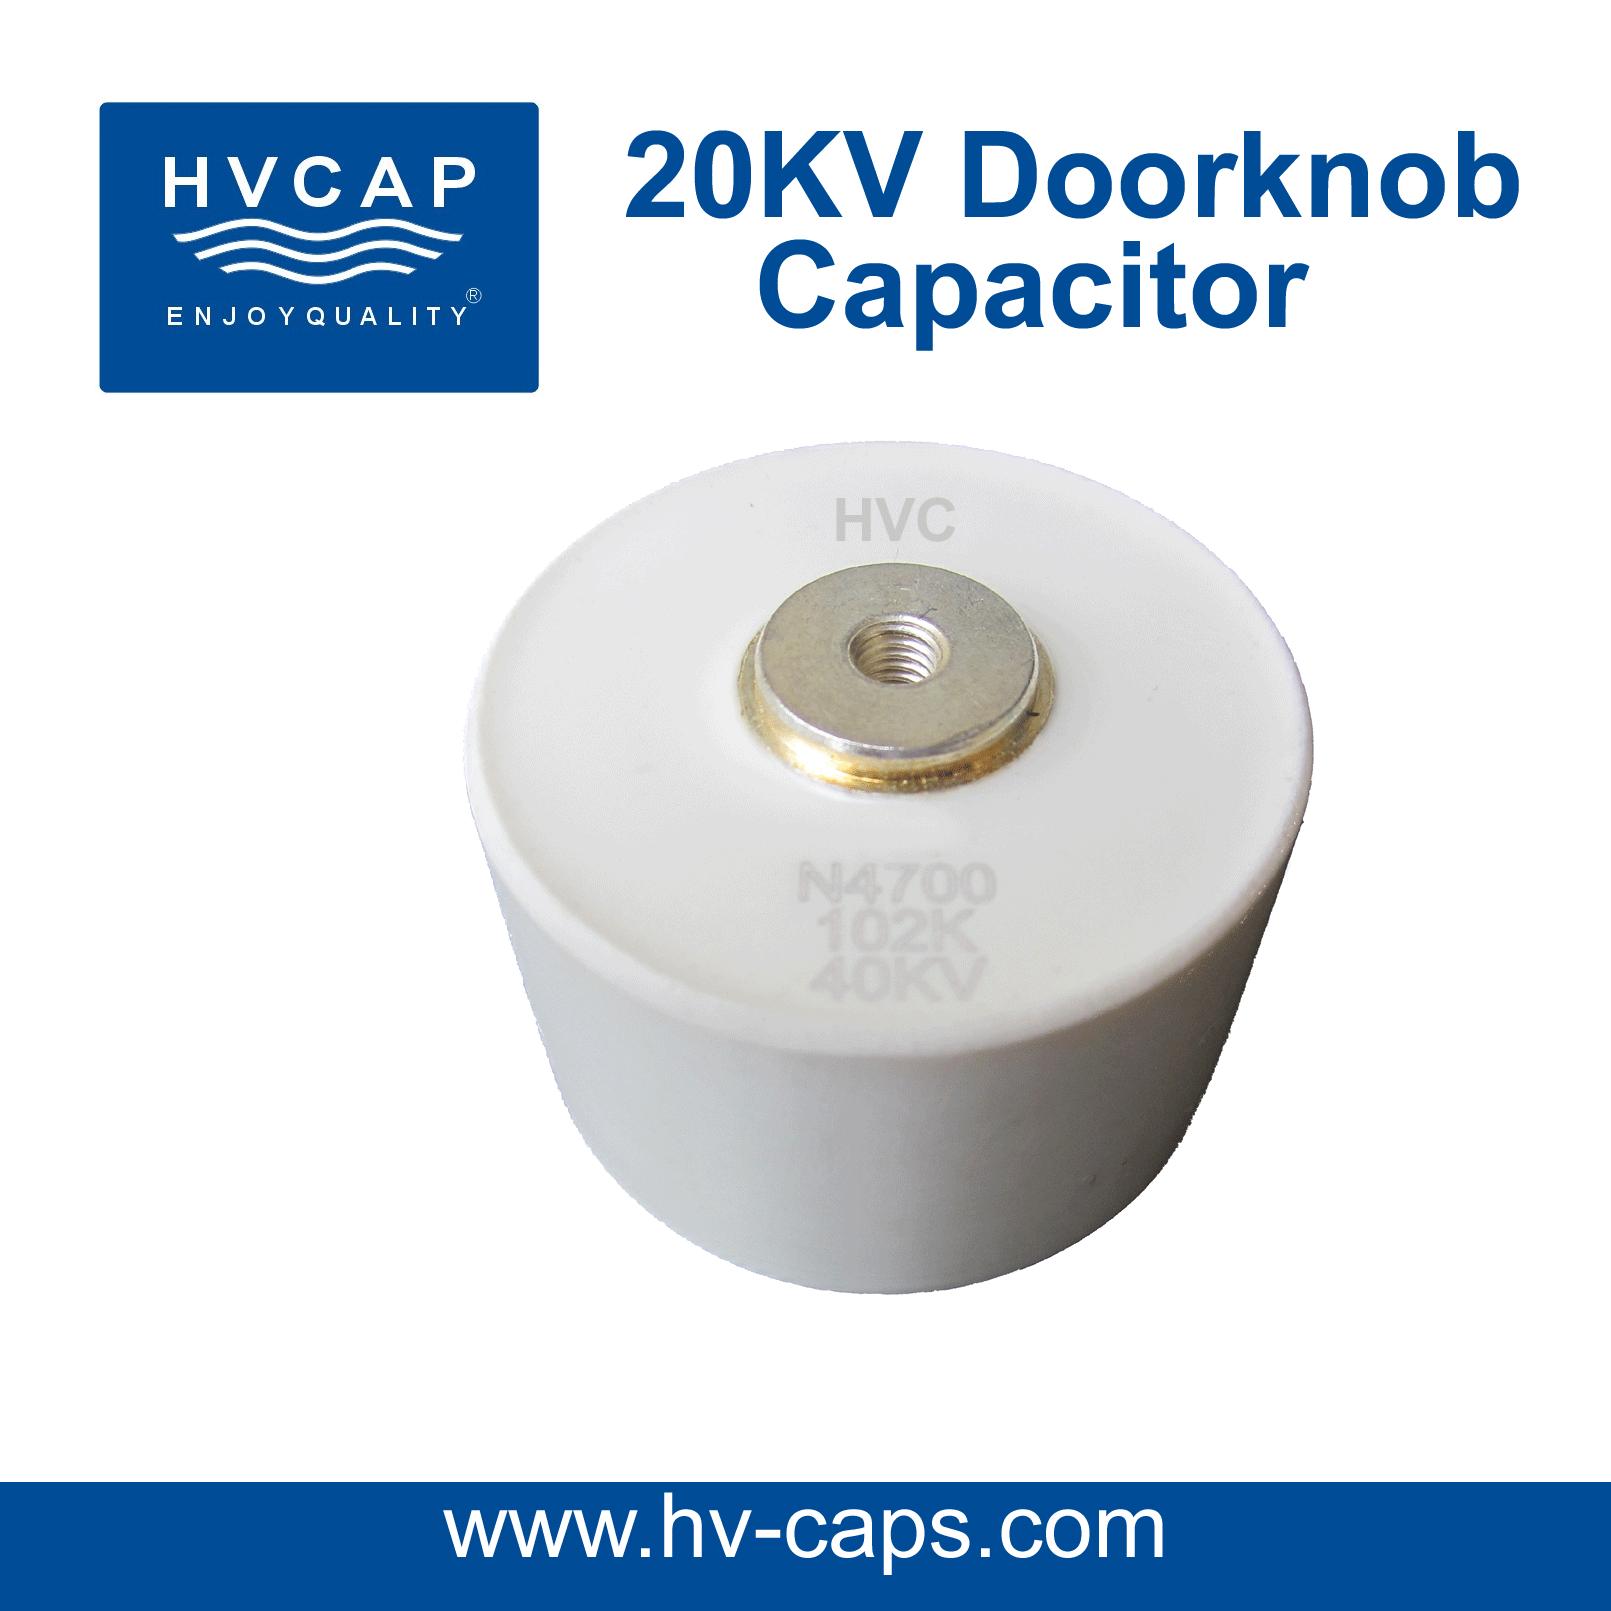 উচ্চ ভোল্টেজ সিরামিক Doorknob ক্যাপাসিটরের 20kv স্পেসিফিকেশন।